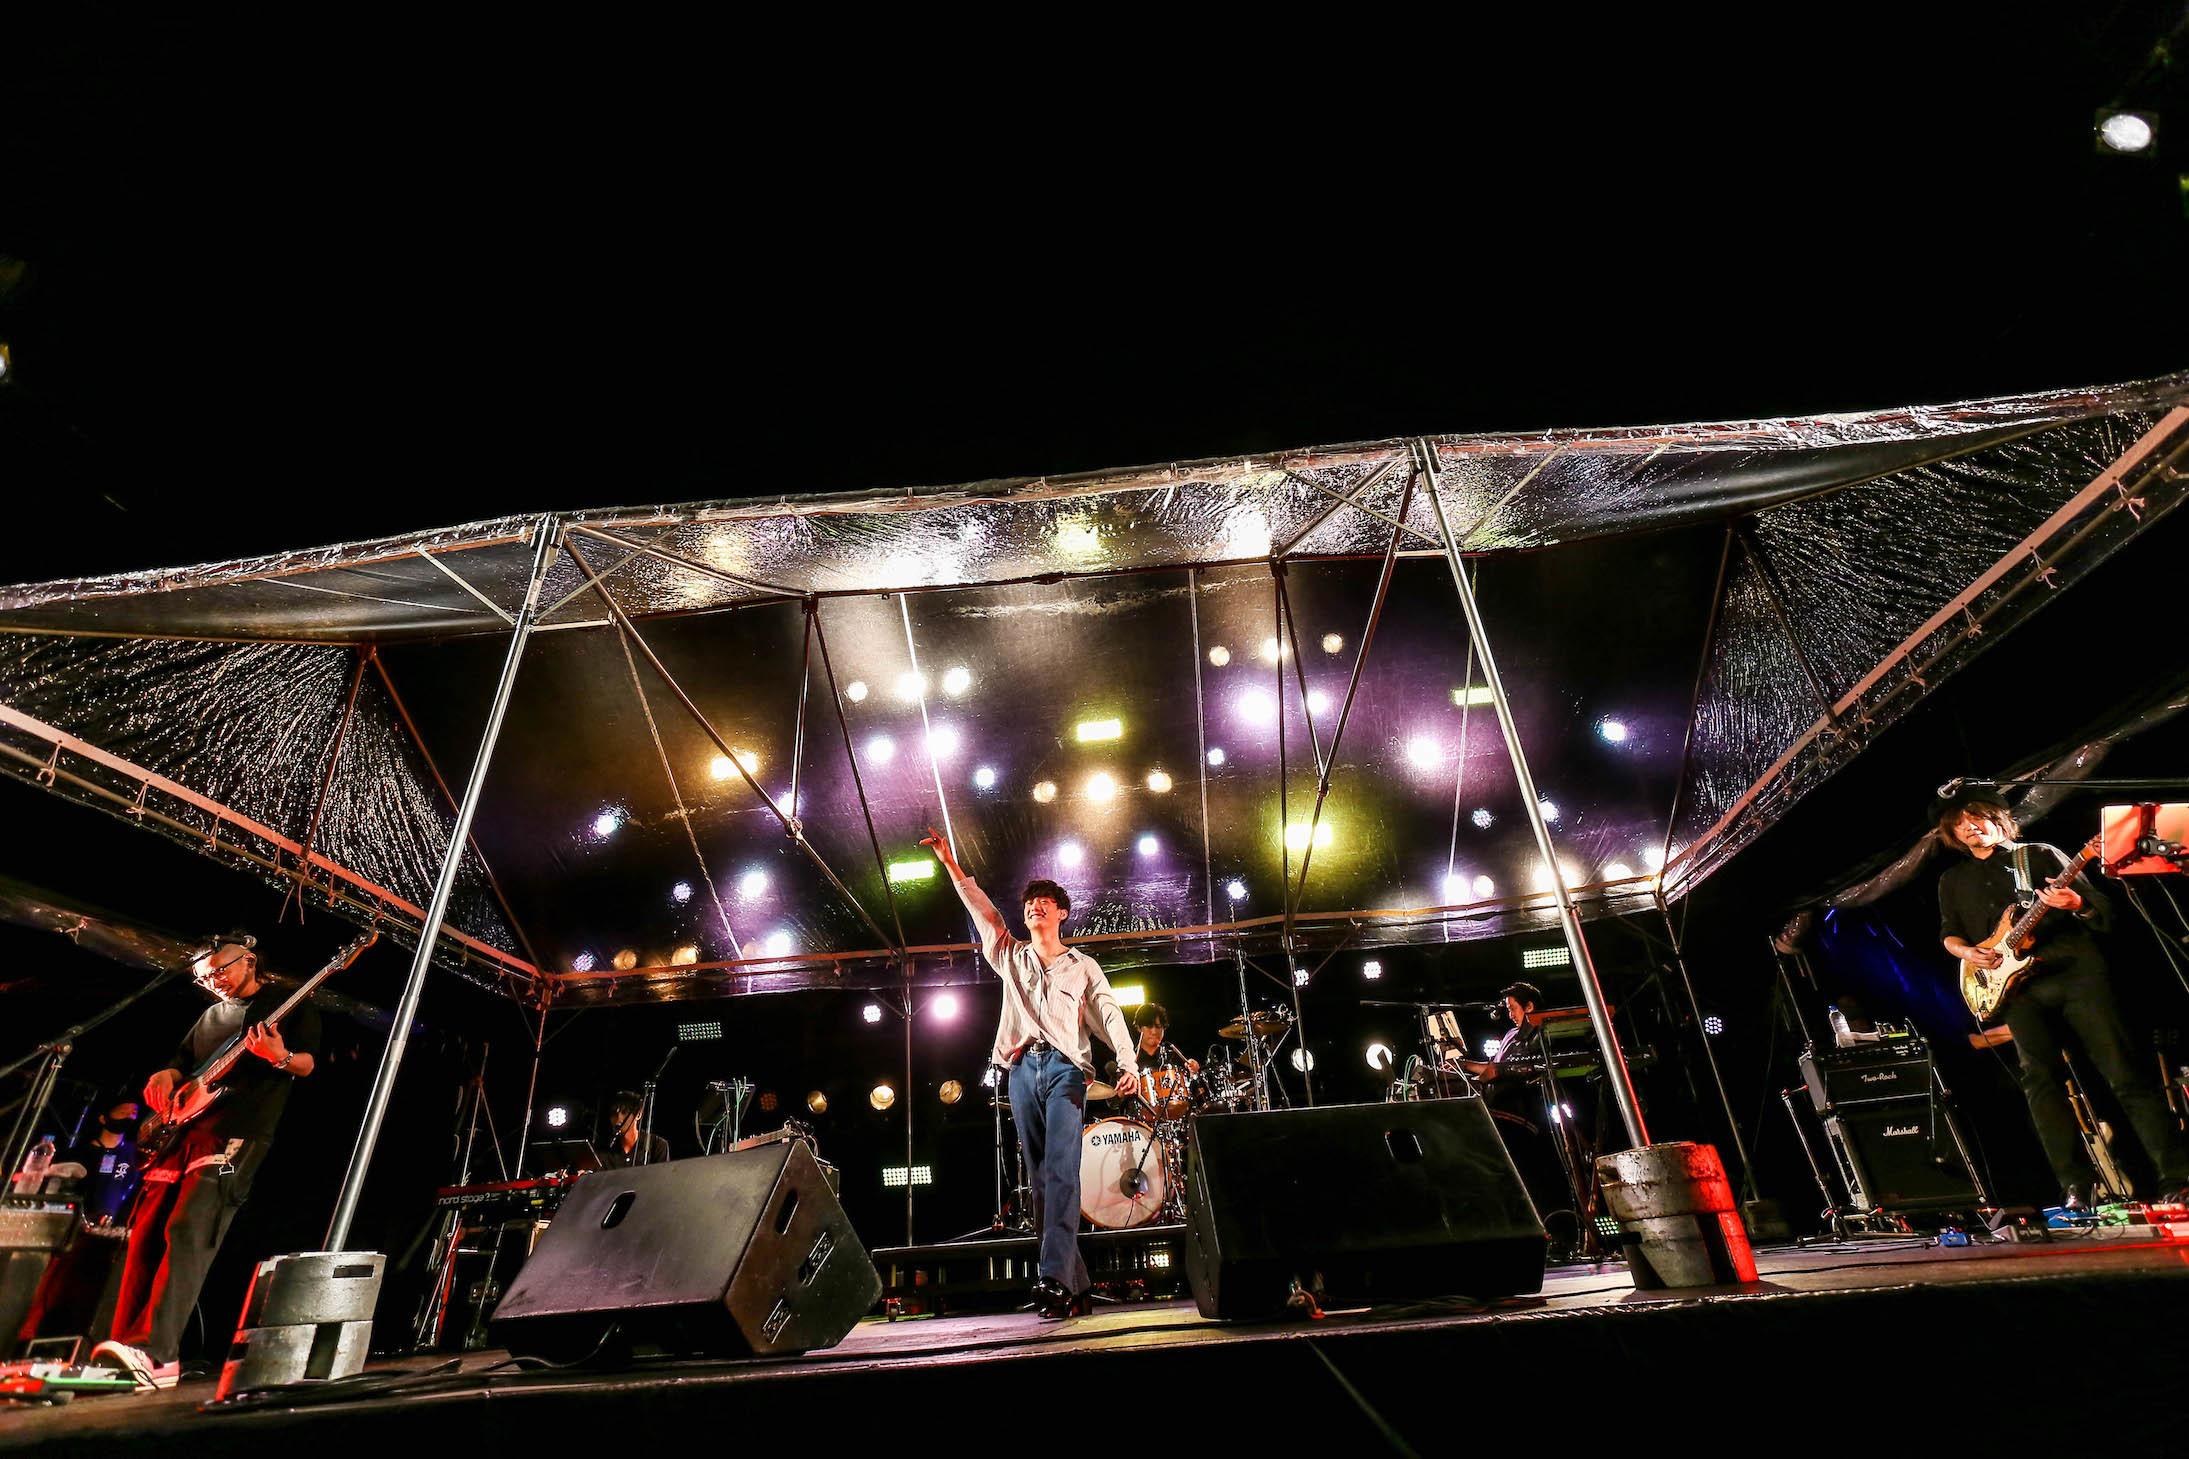 『大阪文化芸術フェス presents OSAKA GENKi PARK』【もみじ川広場LEFT STAGE】初日